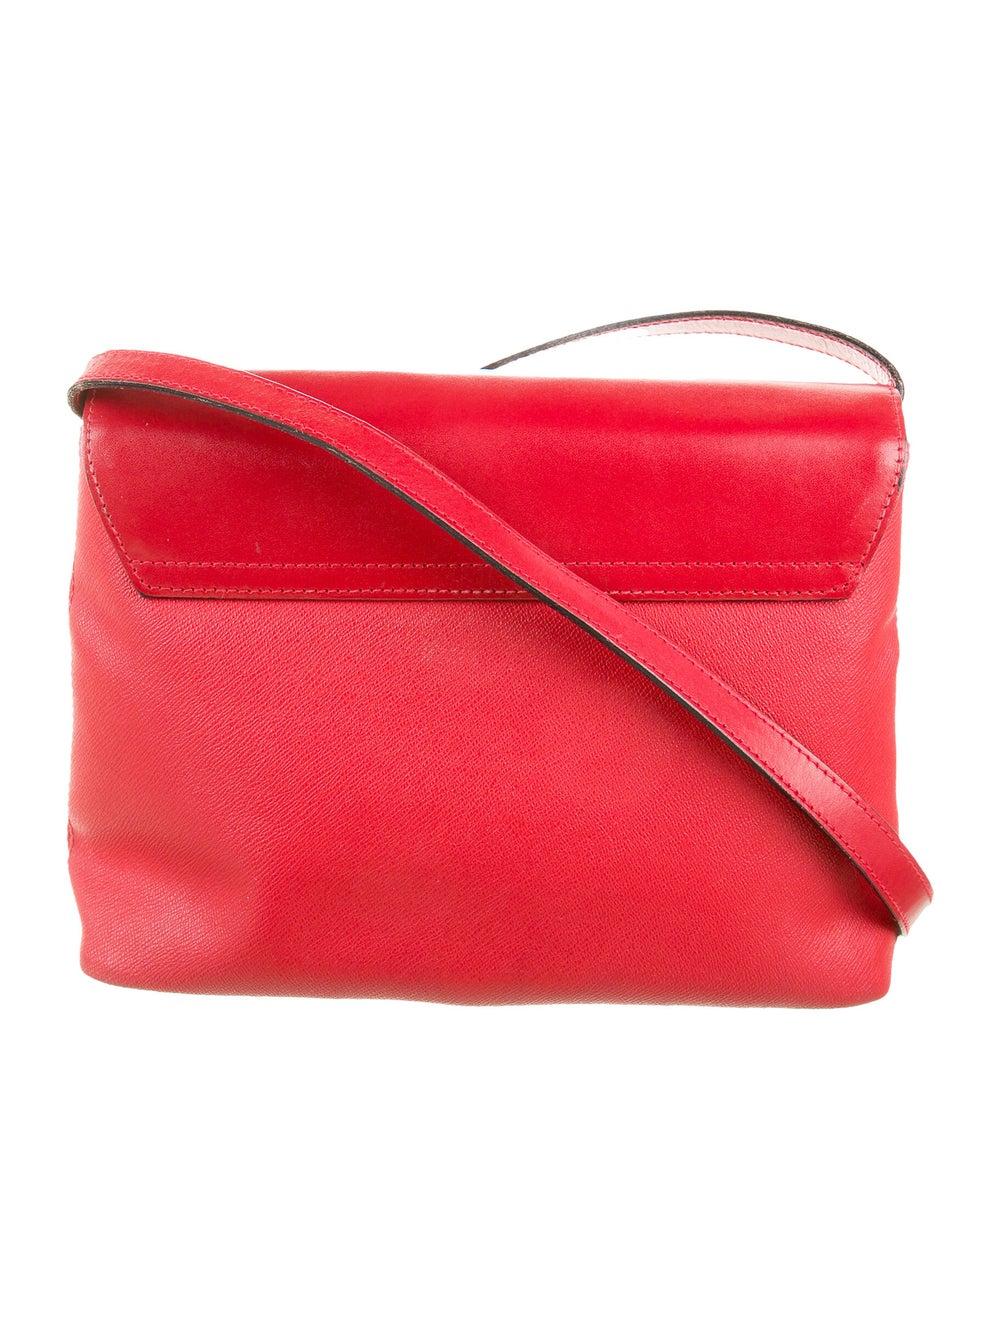 Nina Ricci Leather Shoulder Bag Red - image 4